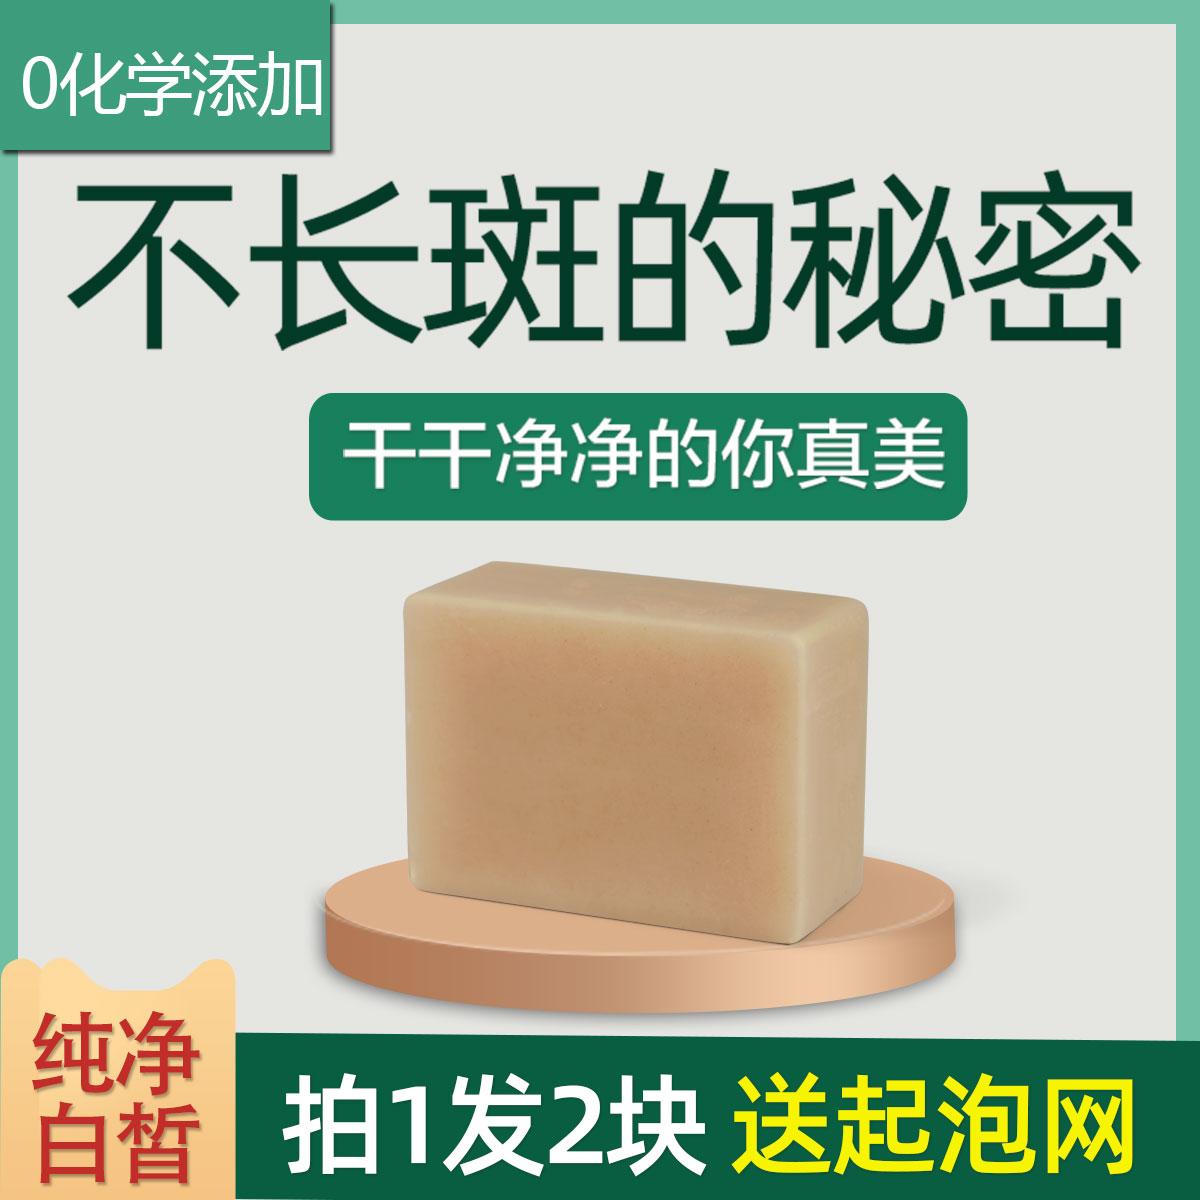 朗朗熊正品美肌七子白手工皂植物补水保湿洁面卸妆洗脸精油肥香皂